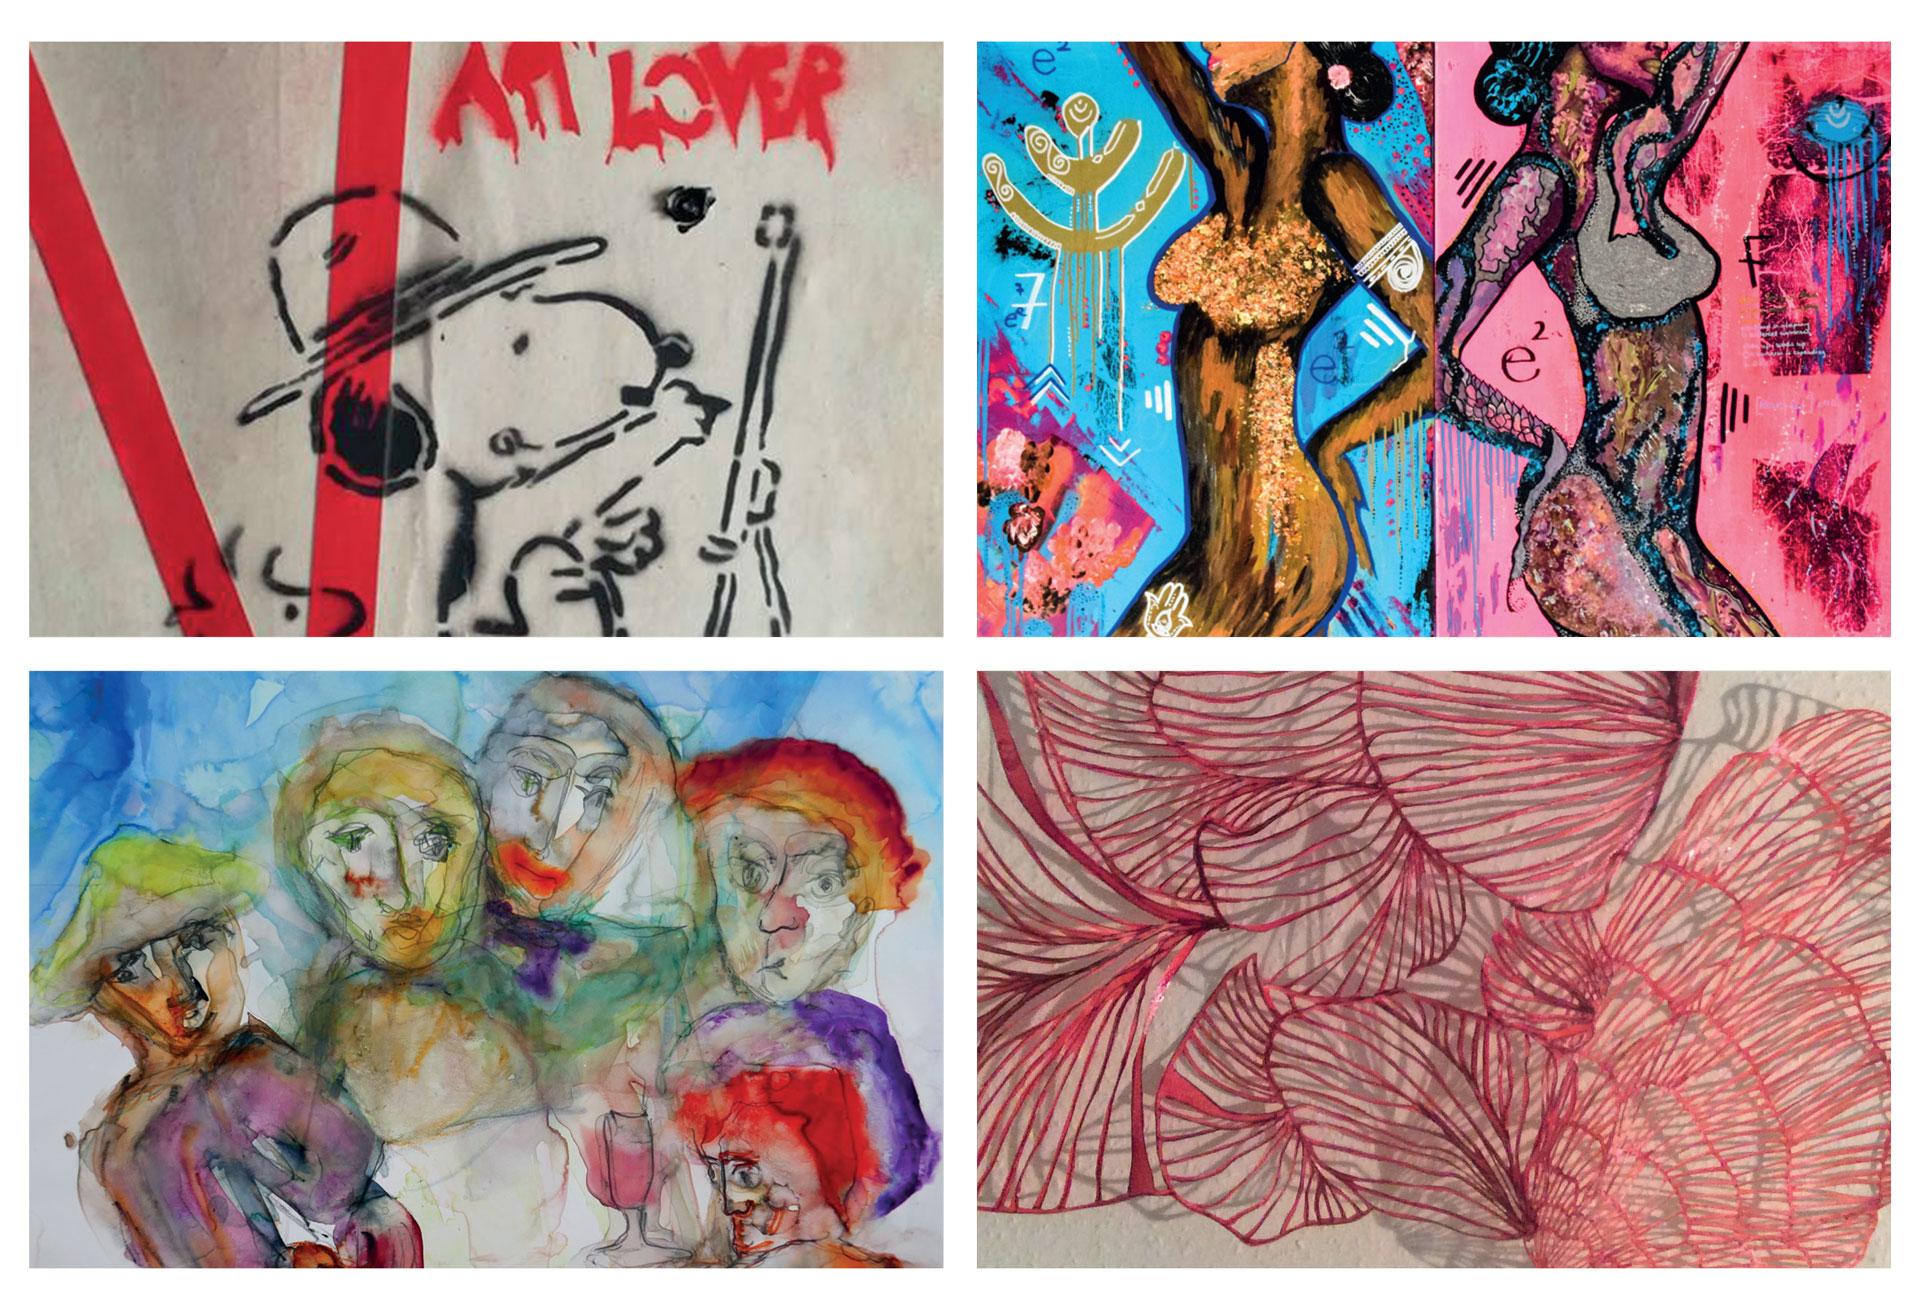 Einzigartige Kunst - Alles außer artig mit MARIE BRUSKE-SCHMACHTENBERG, ELA EKER, ANTJE KRAWIETZ und ANDREA WYCISK in der KULTURKIRCHE OST KÖLN